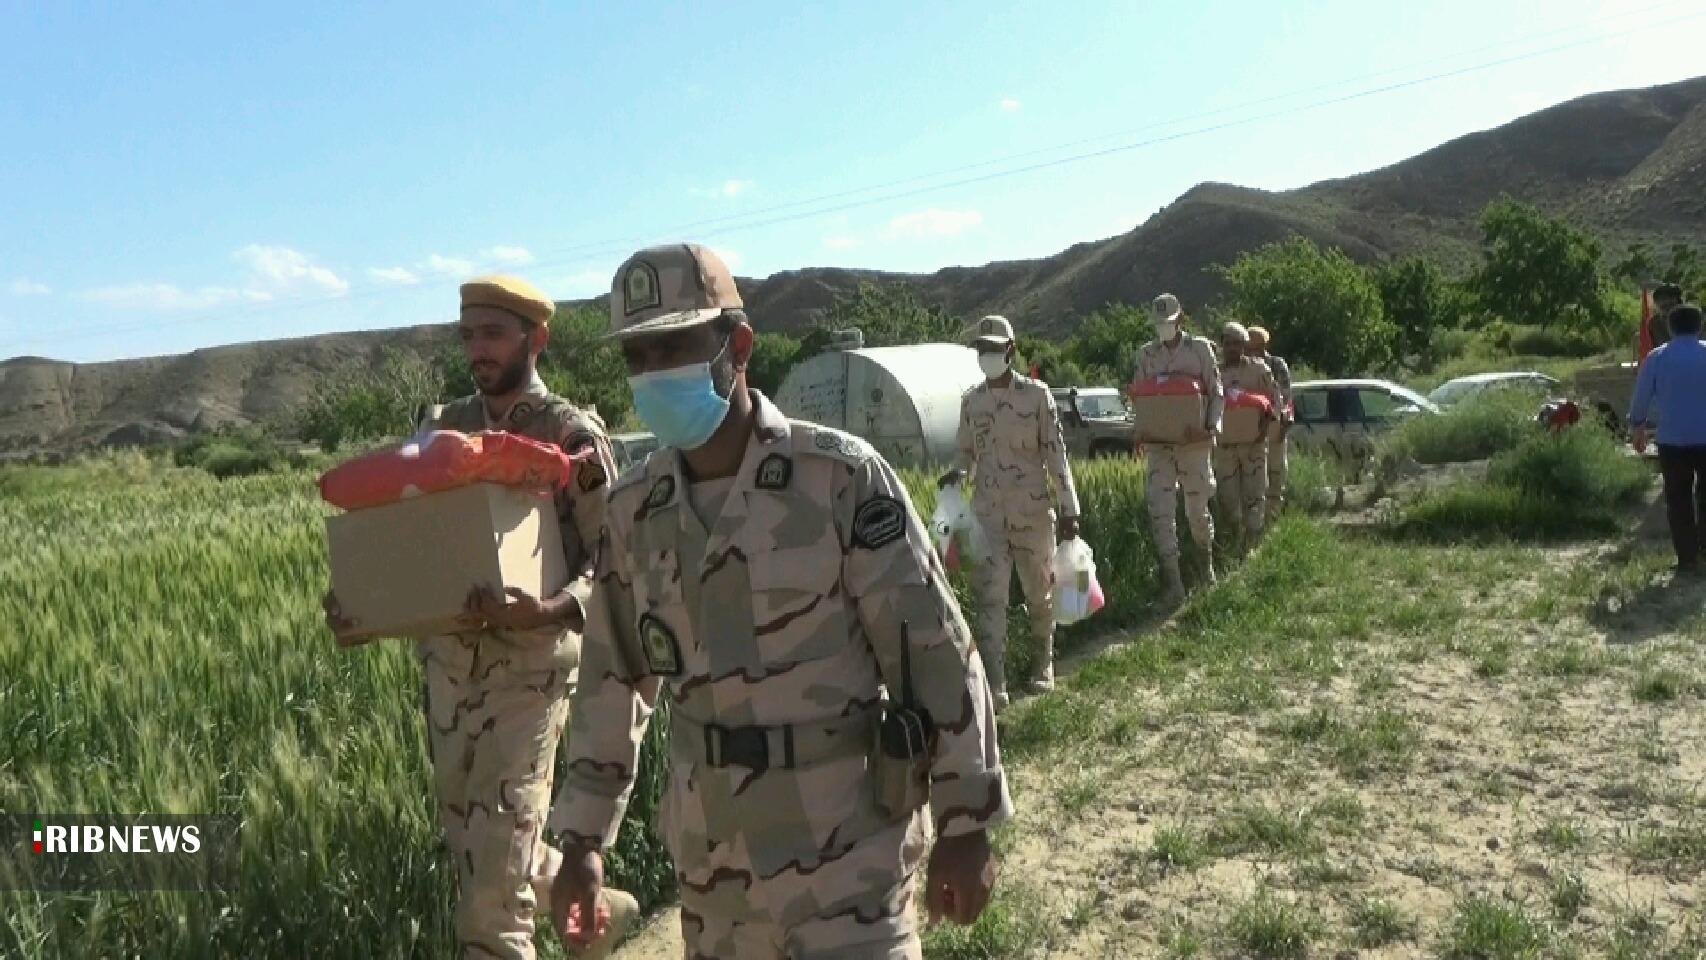 توزیع کمک های مومنانه در مناطق مرزی و محروم با همکاری هنگ مرزی نهبندان